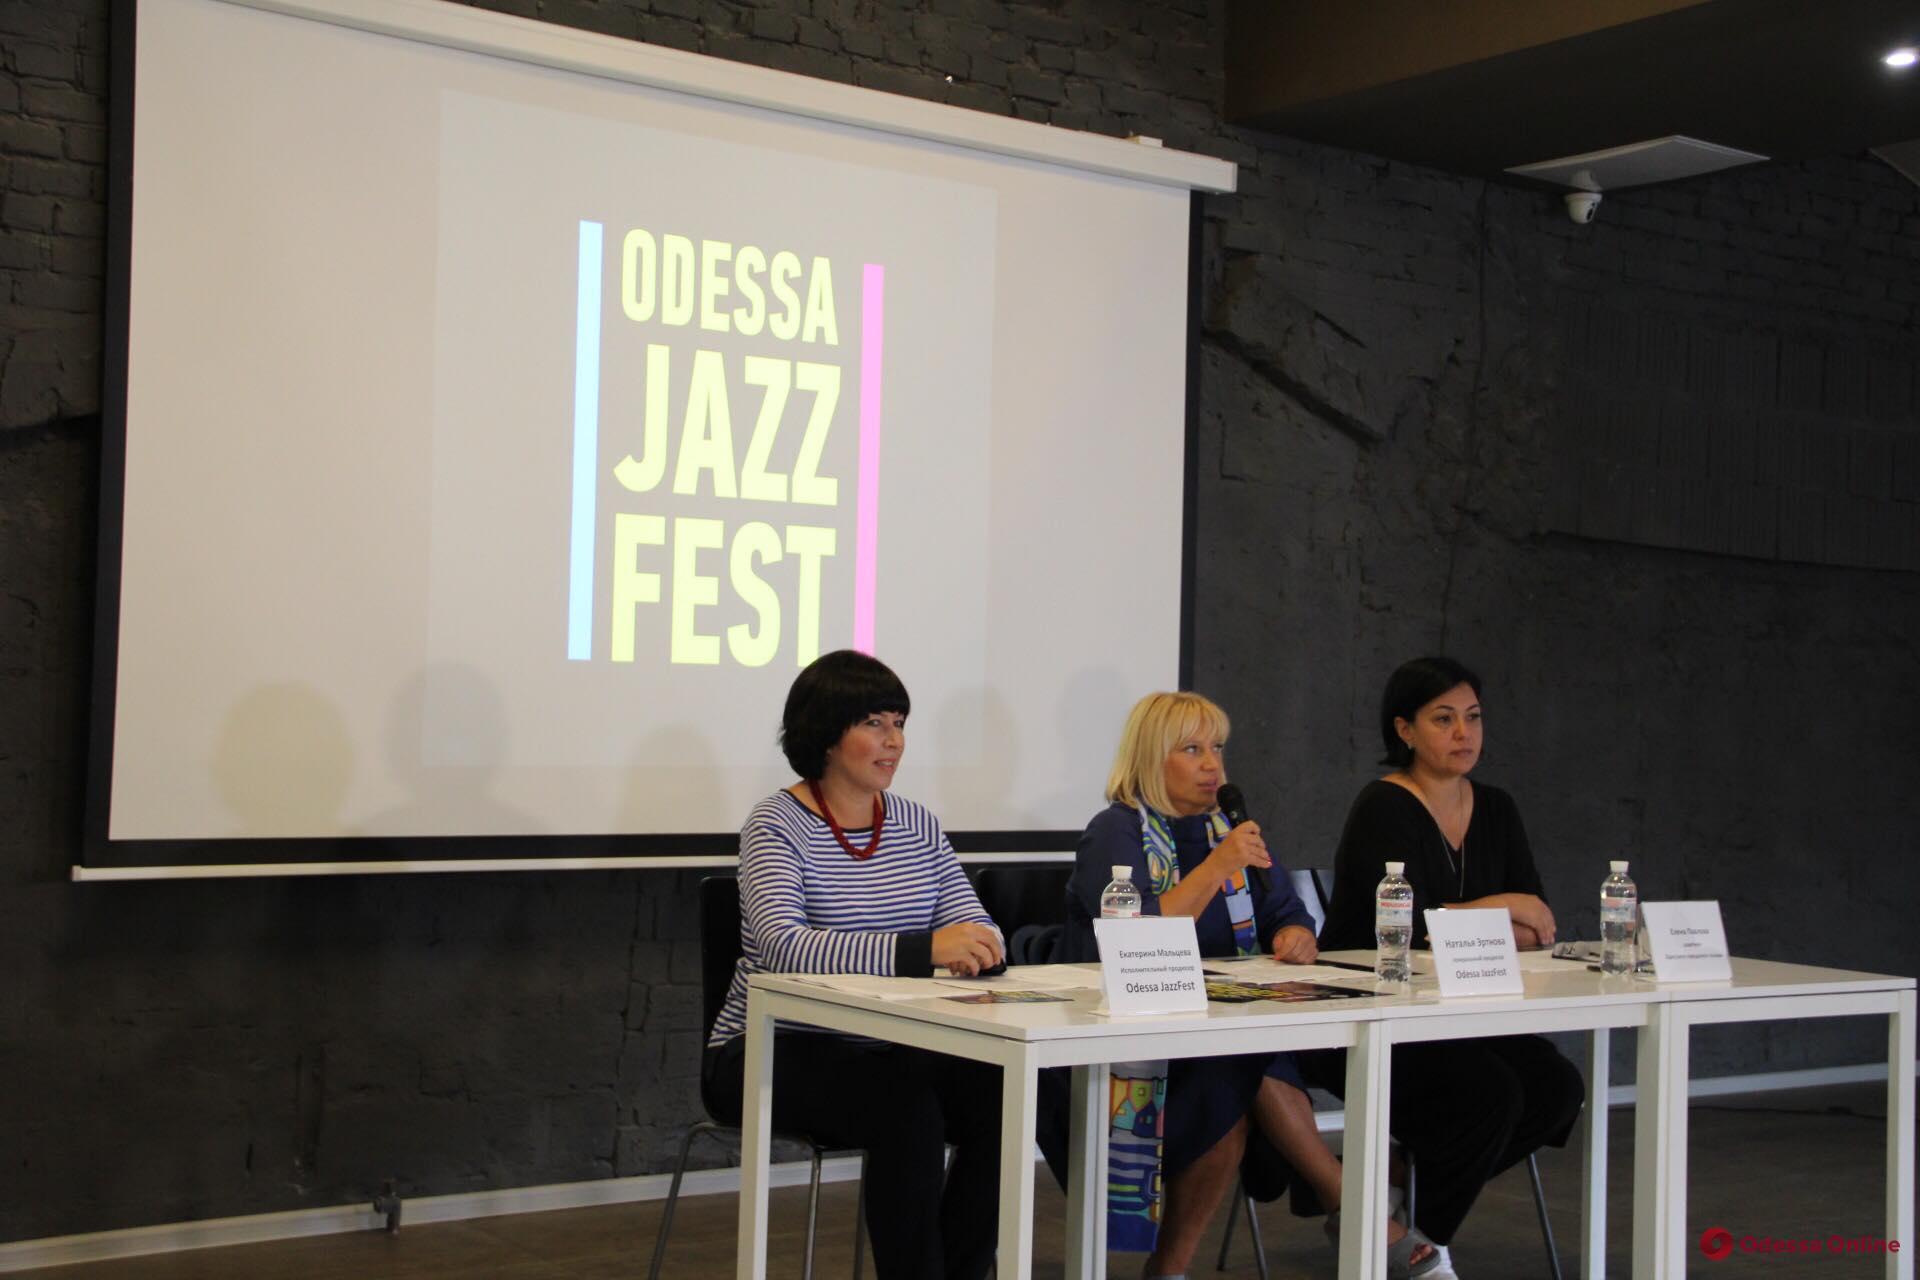 Международный джазовый фестиваль в Одессе зажжет новые звезды